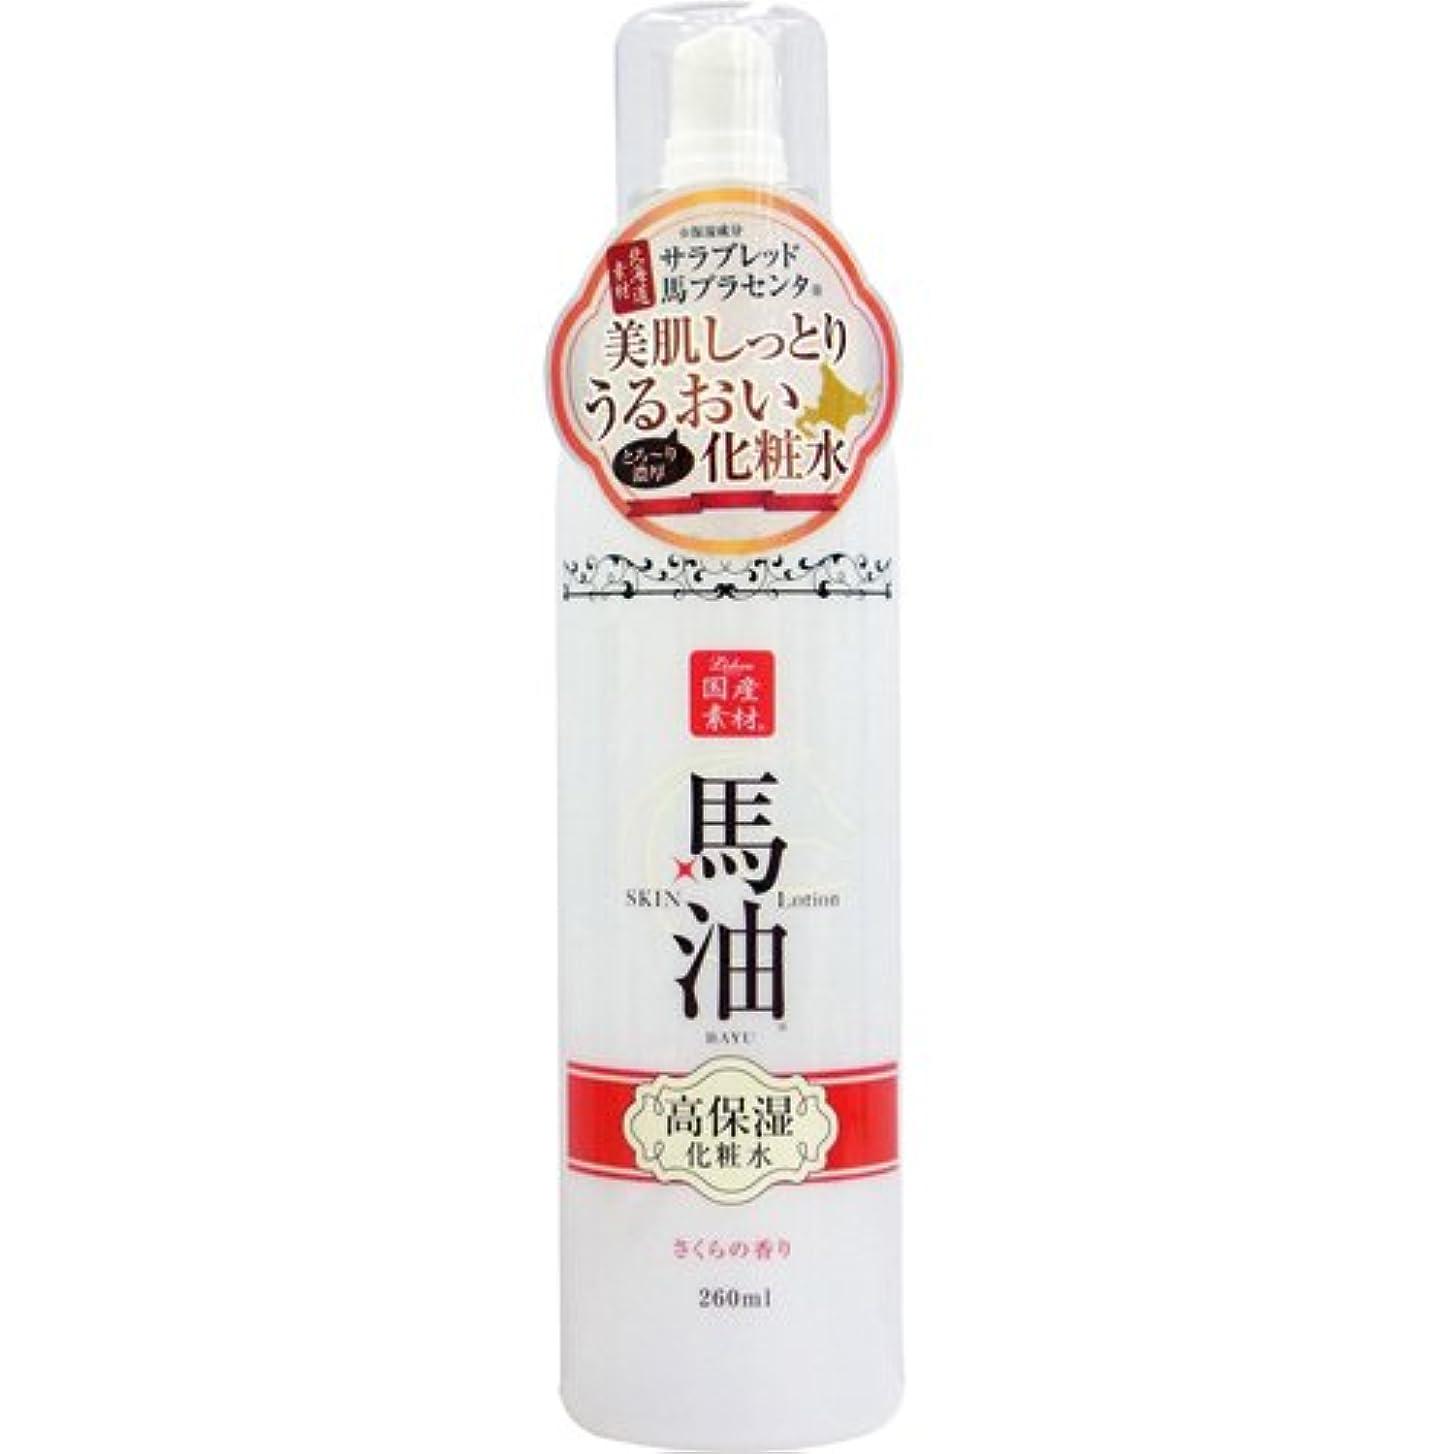 リシャン 馬油化粧水 (さくらの香り) (260mL)